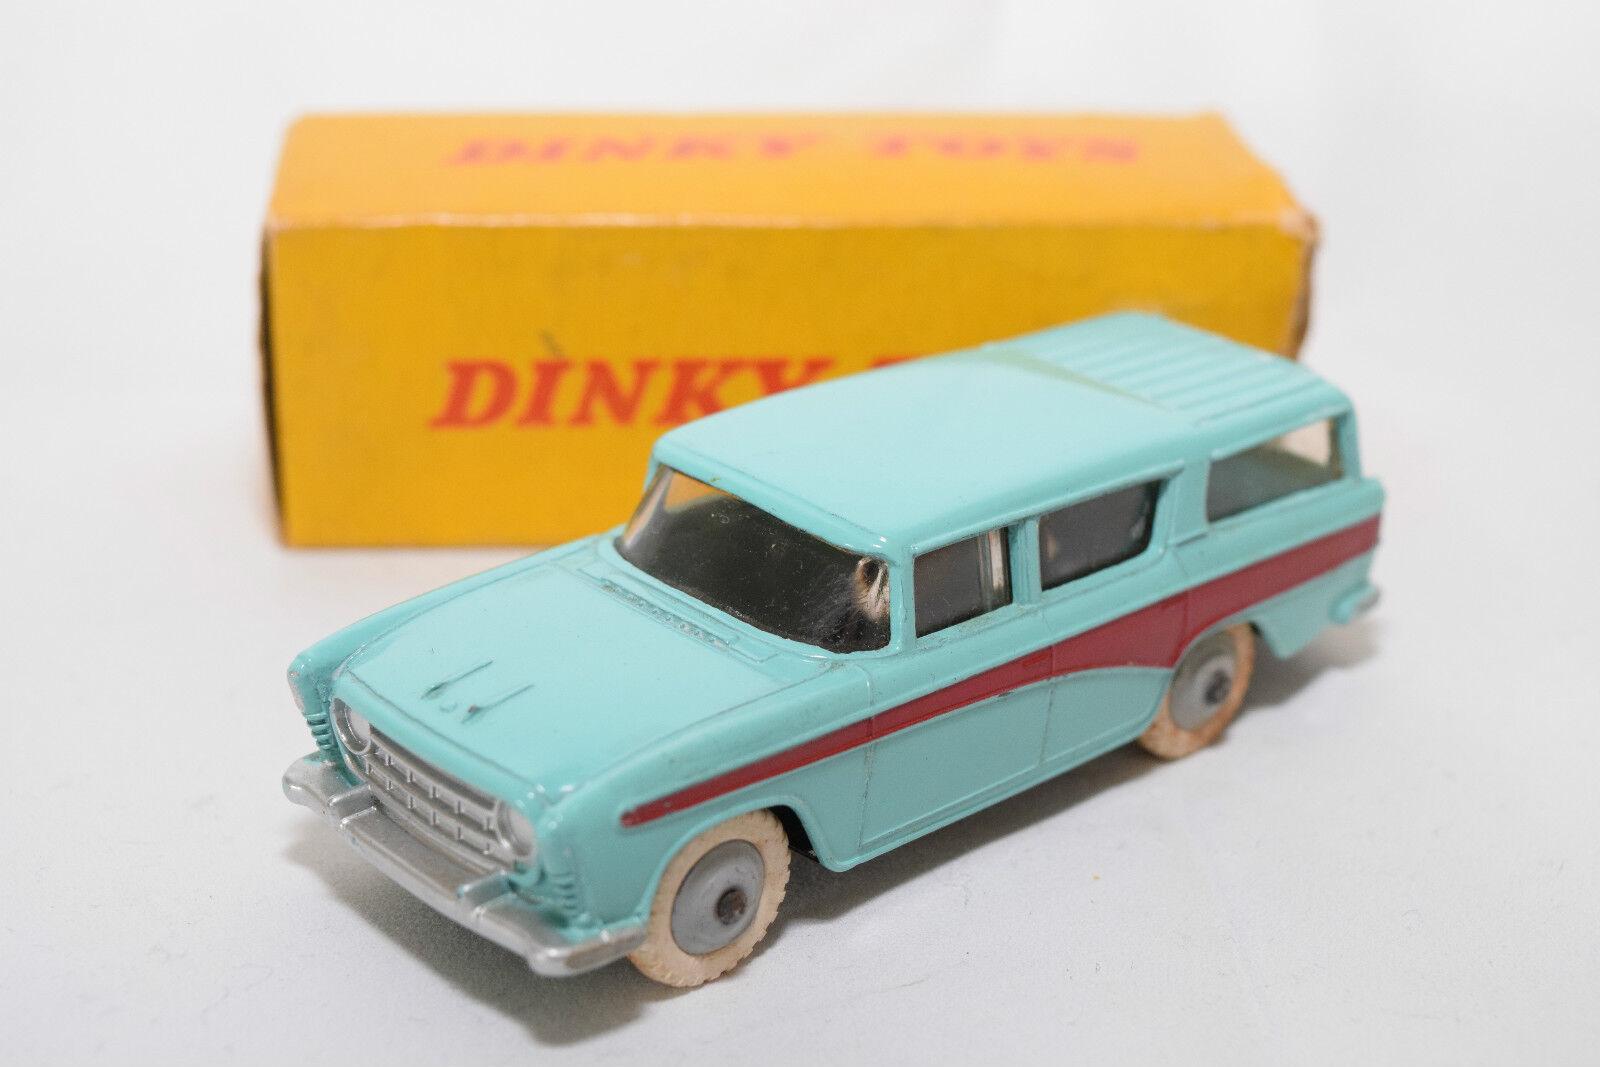 P Dinky Toys 173 nash rambler Turquoise Comme neuf EN BOÎTE RARE RARE RARO